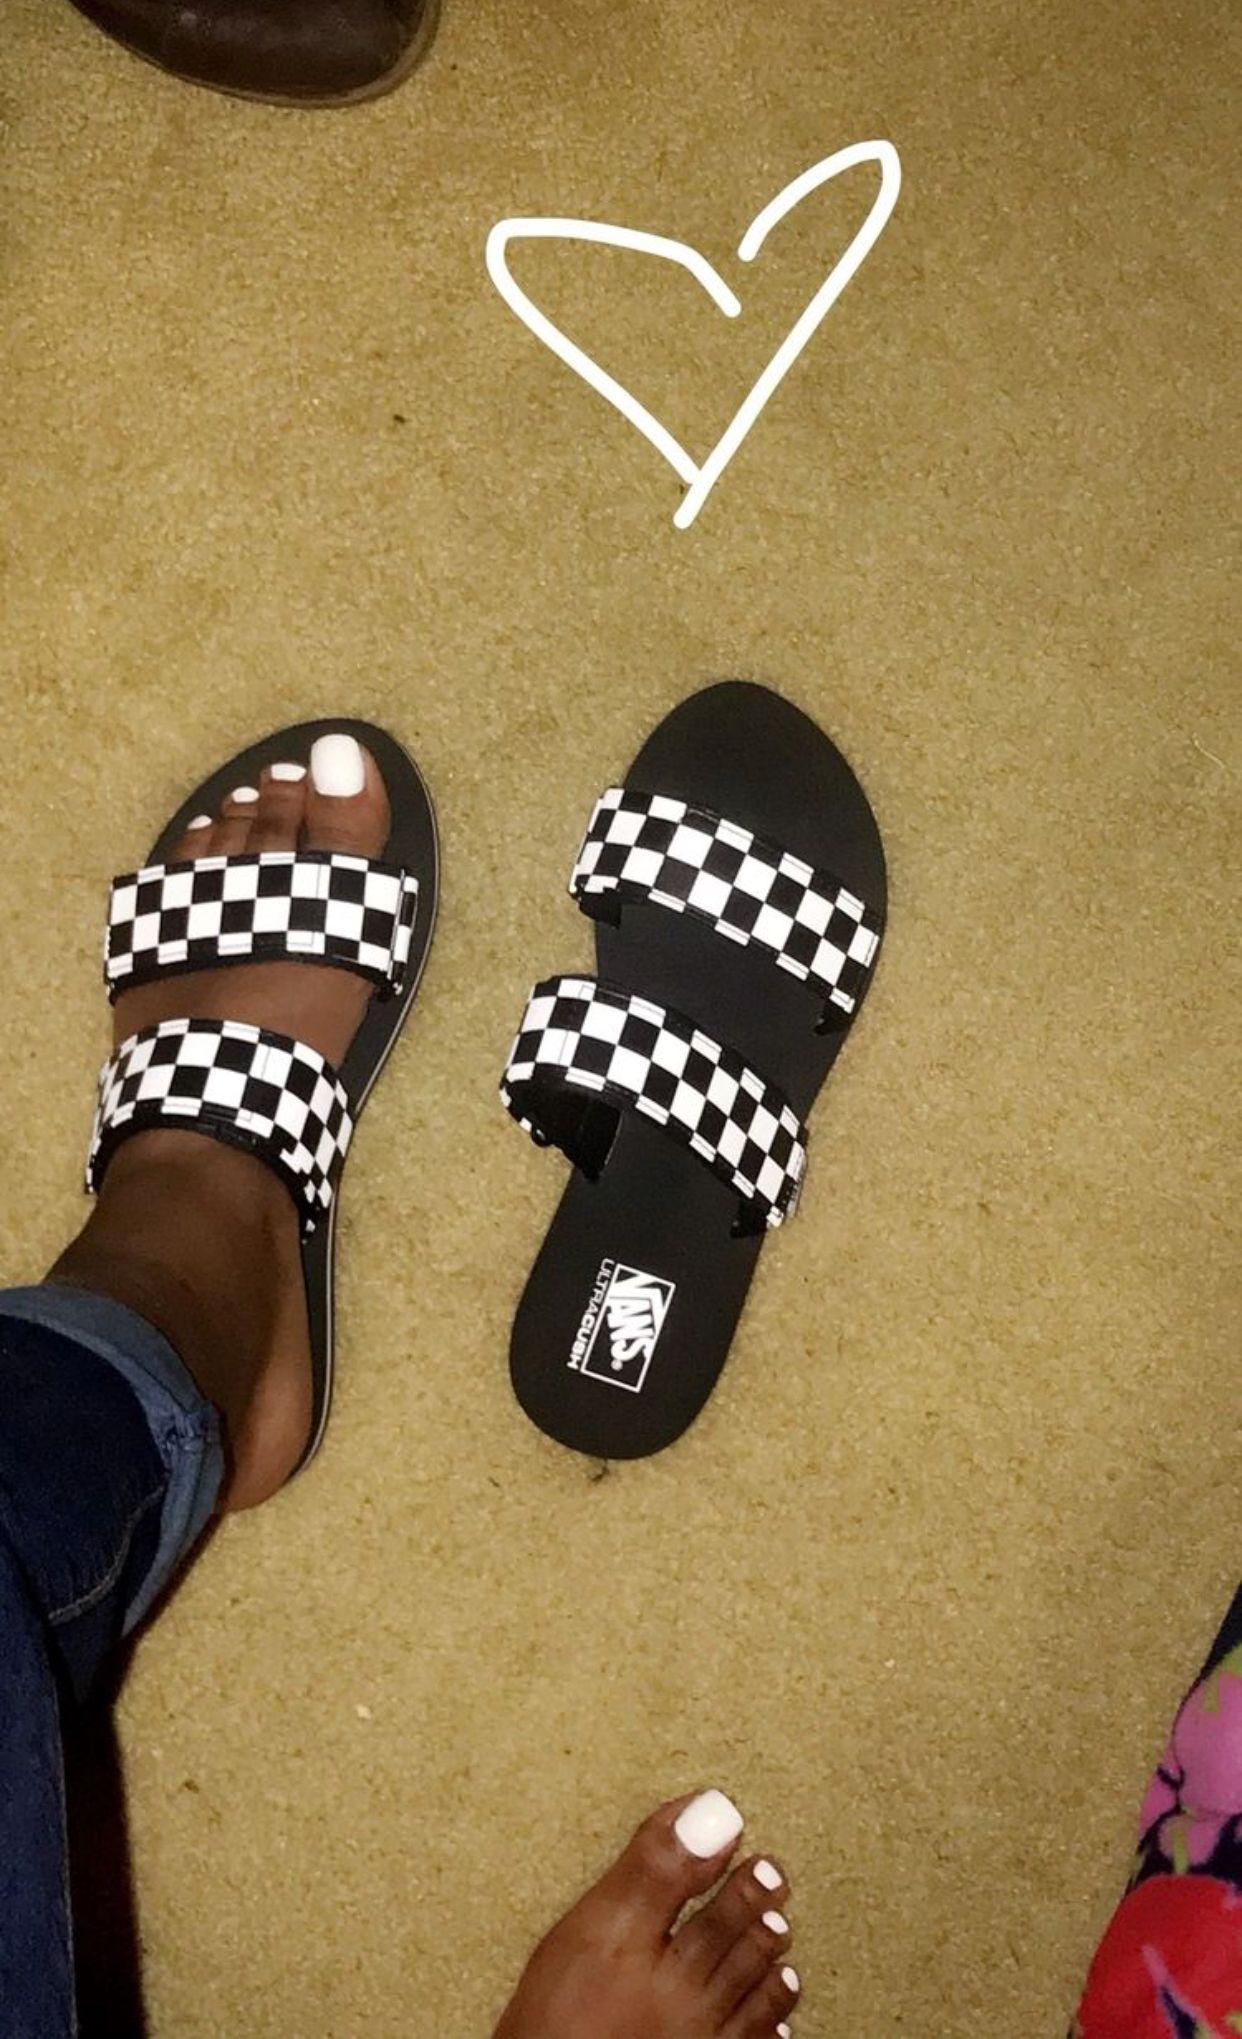 Vans sandals | Outfit shoes, Cute shoes